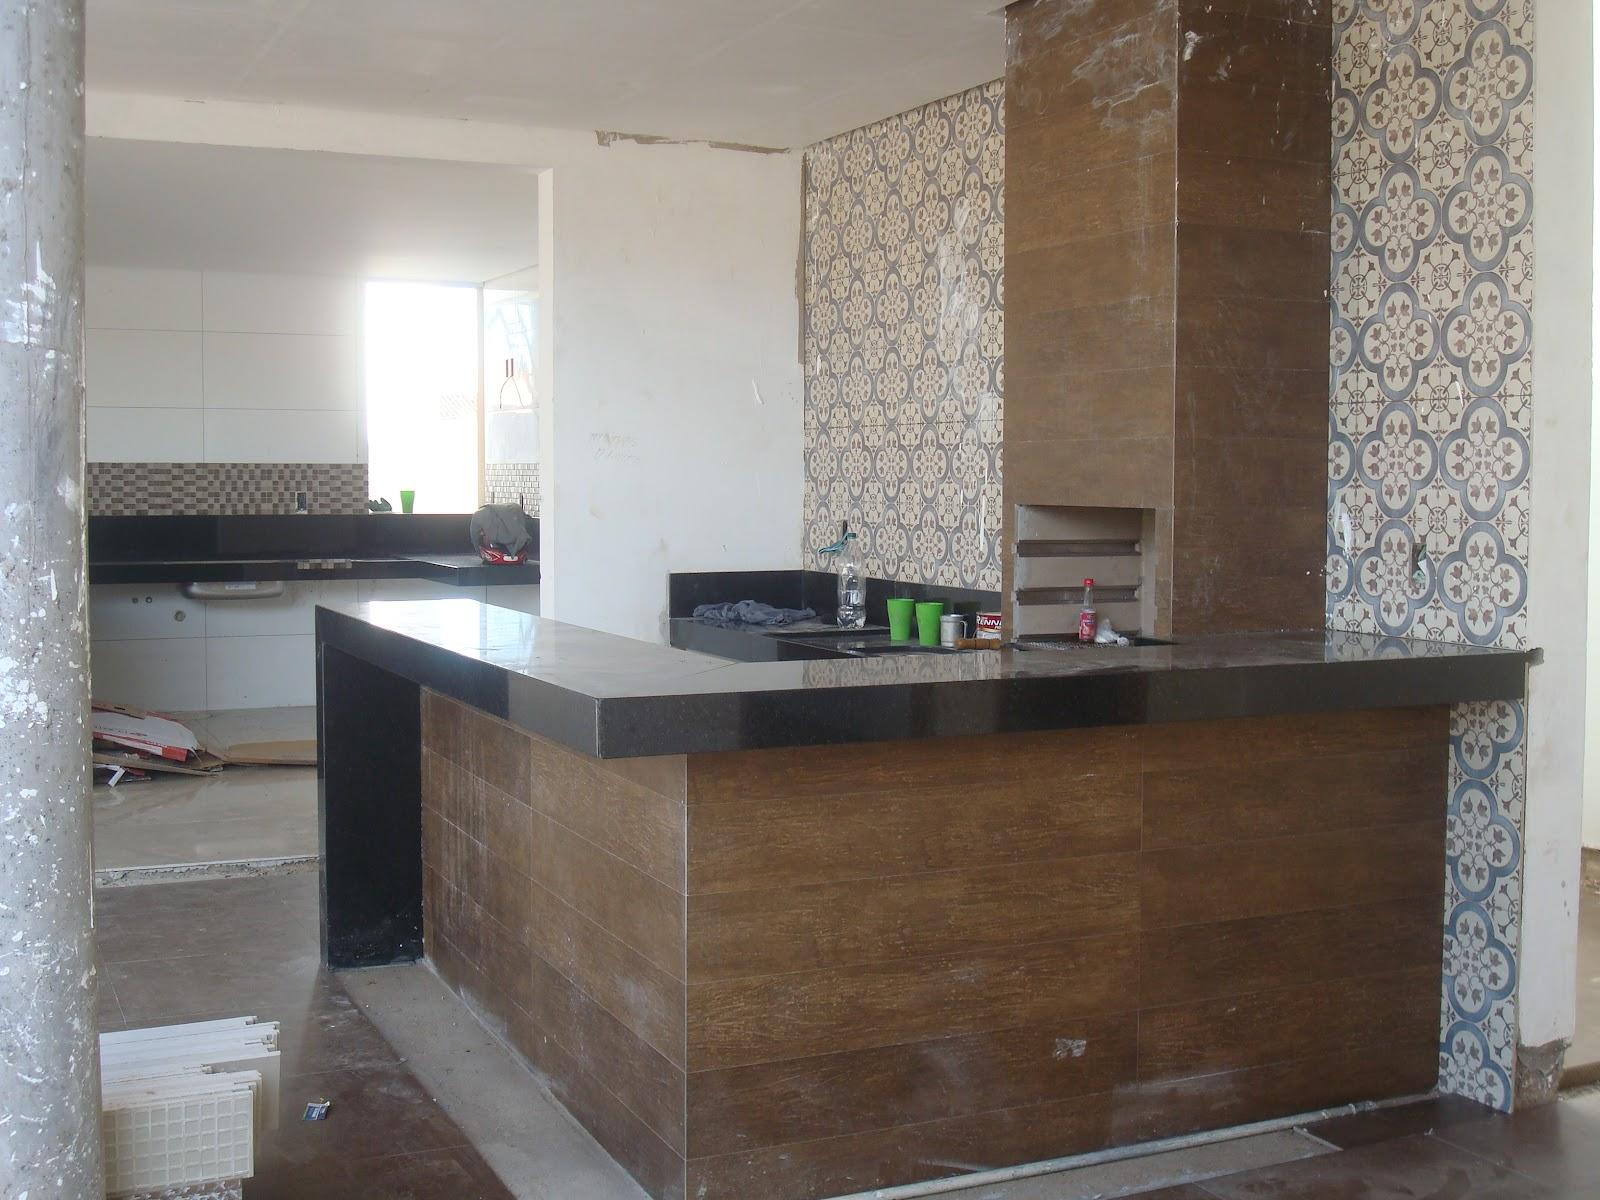 Construindo um Castelinho: Balcão do pingão parte II #5E4938 1600 1200